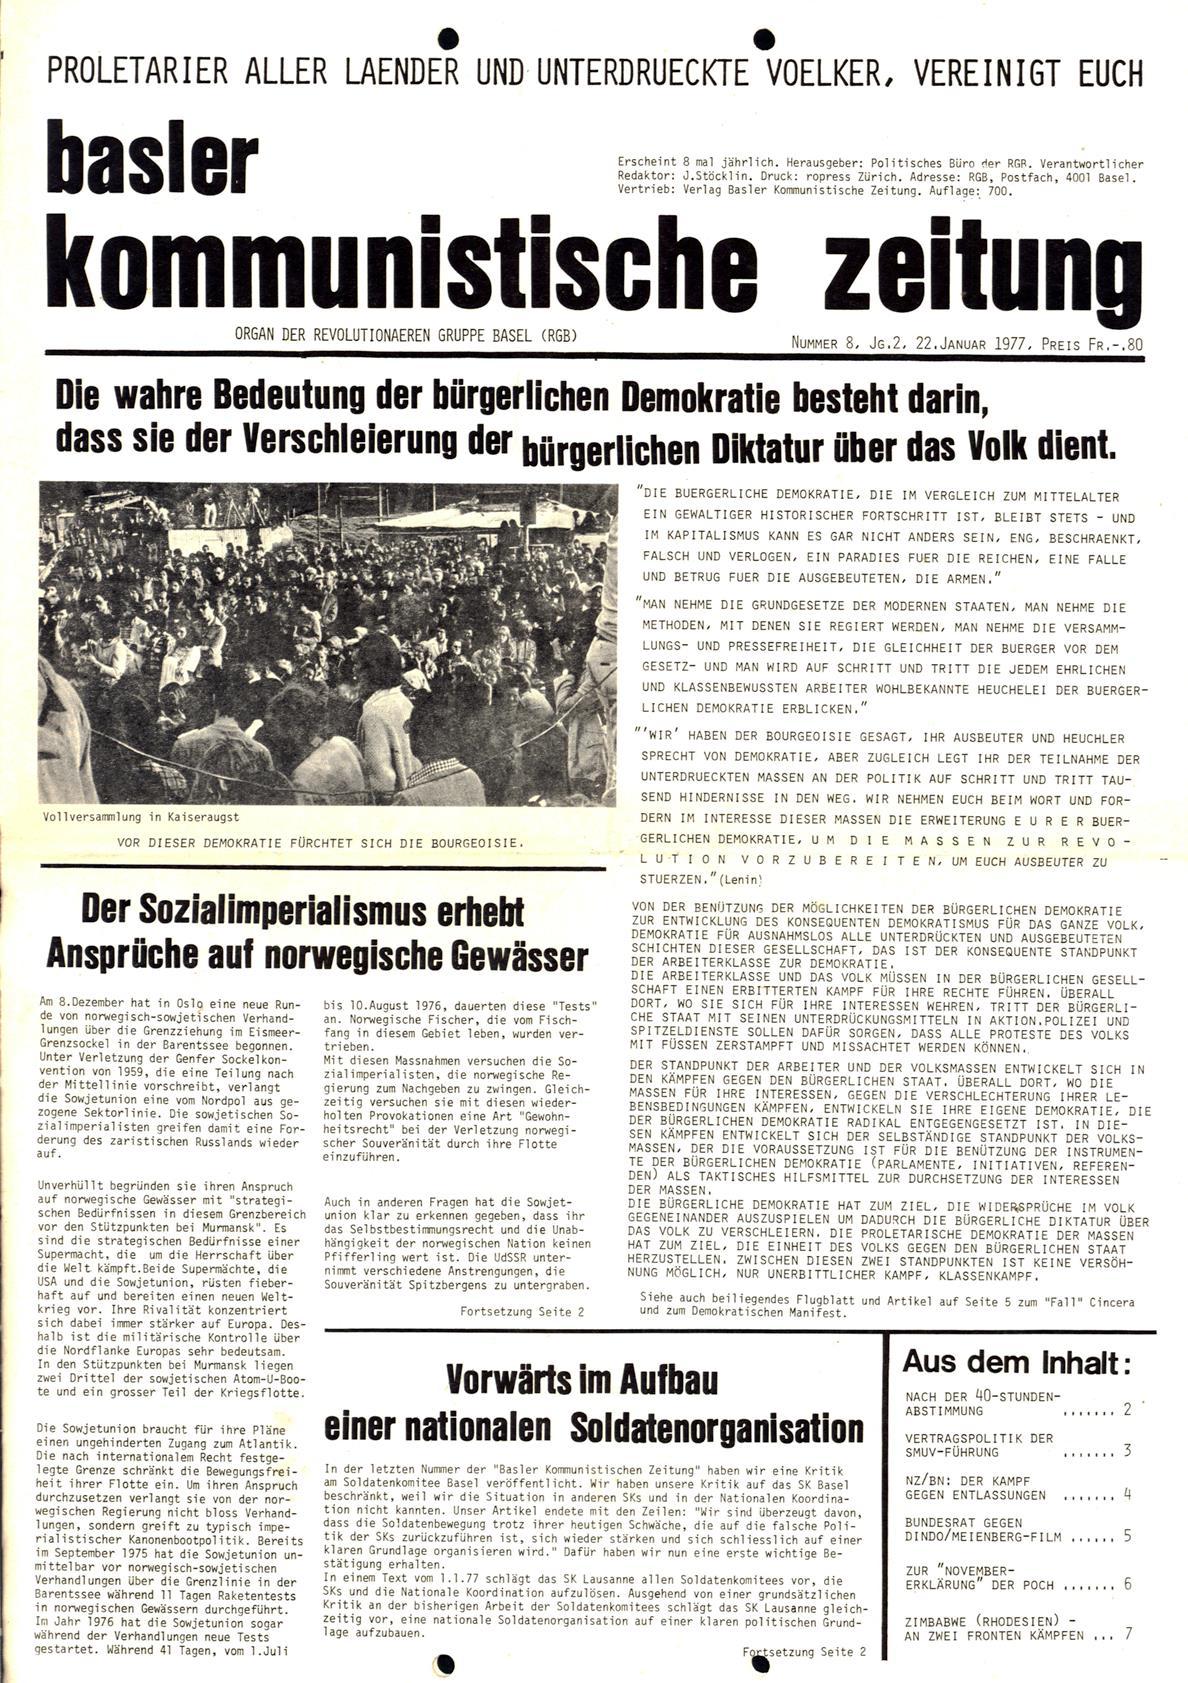 Basel_Kommunistische_Zeitung_19770122_01